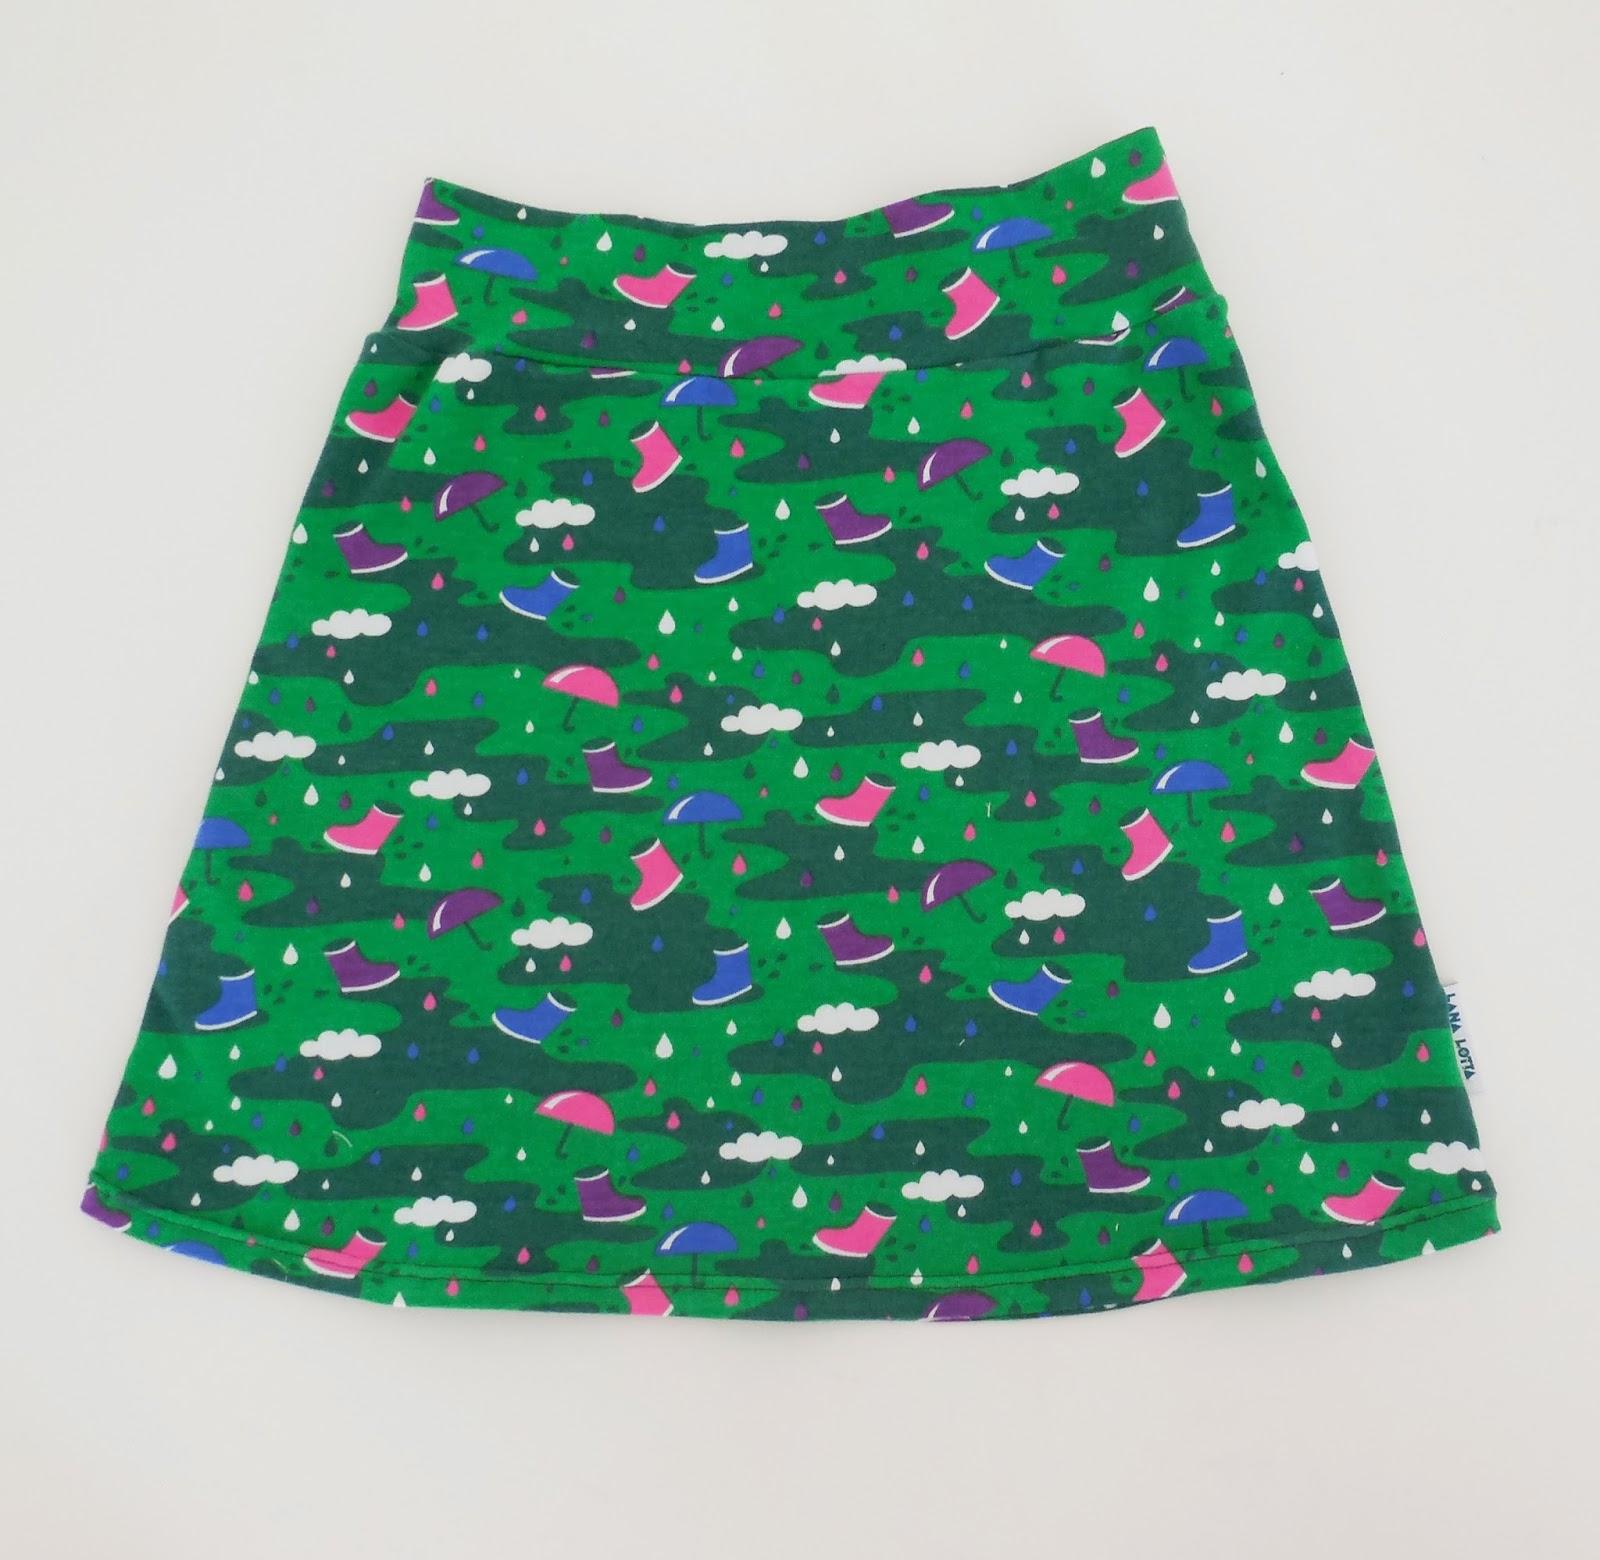 Patroon tricot rok met elastiek